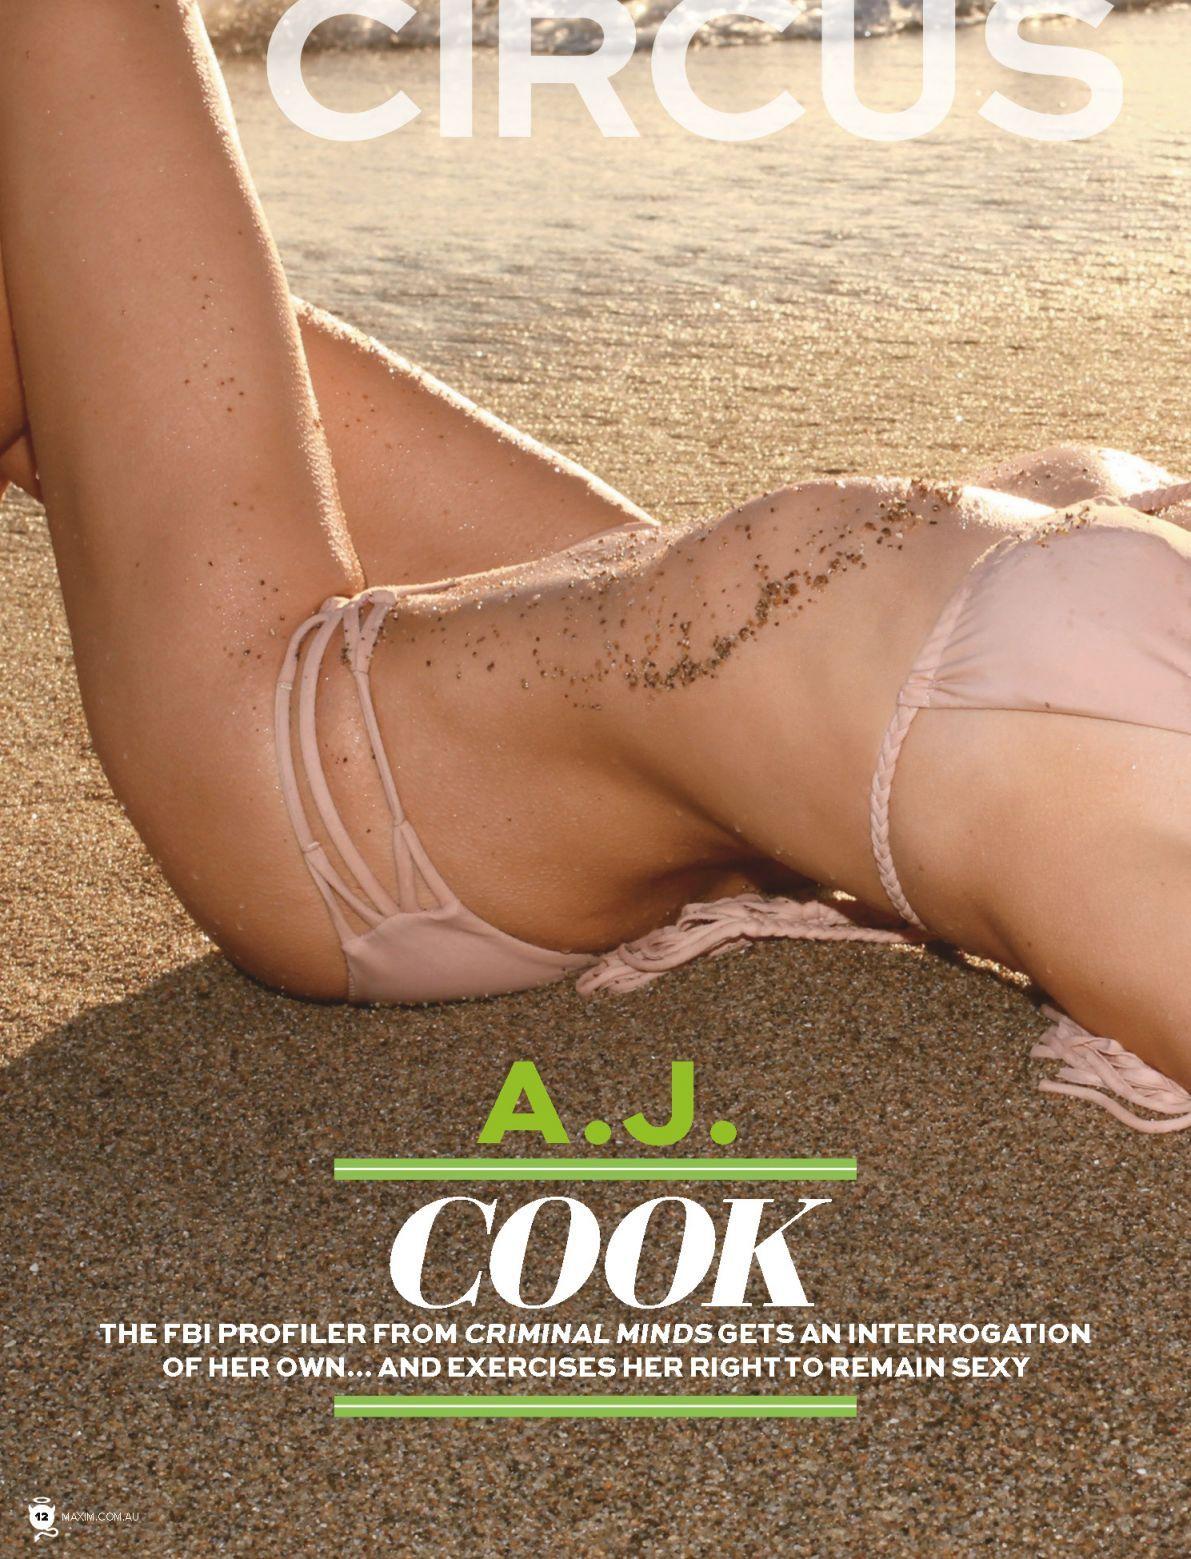 Andrea Joy Cook - Maxim (Australia) June 2014 708911   Aj cook, Cooking, Criminal minds